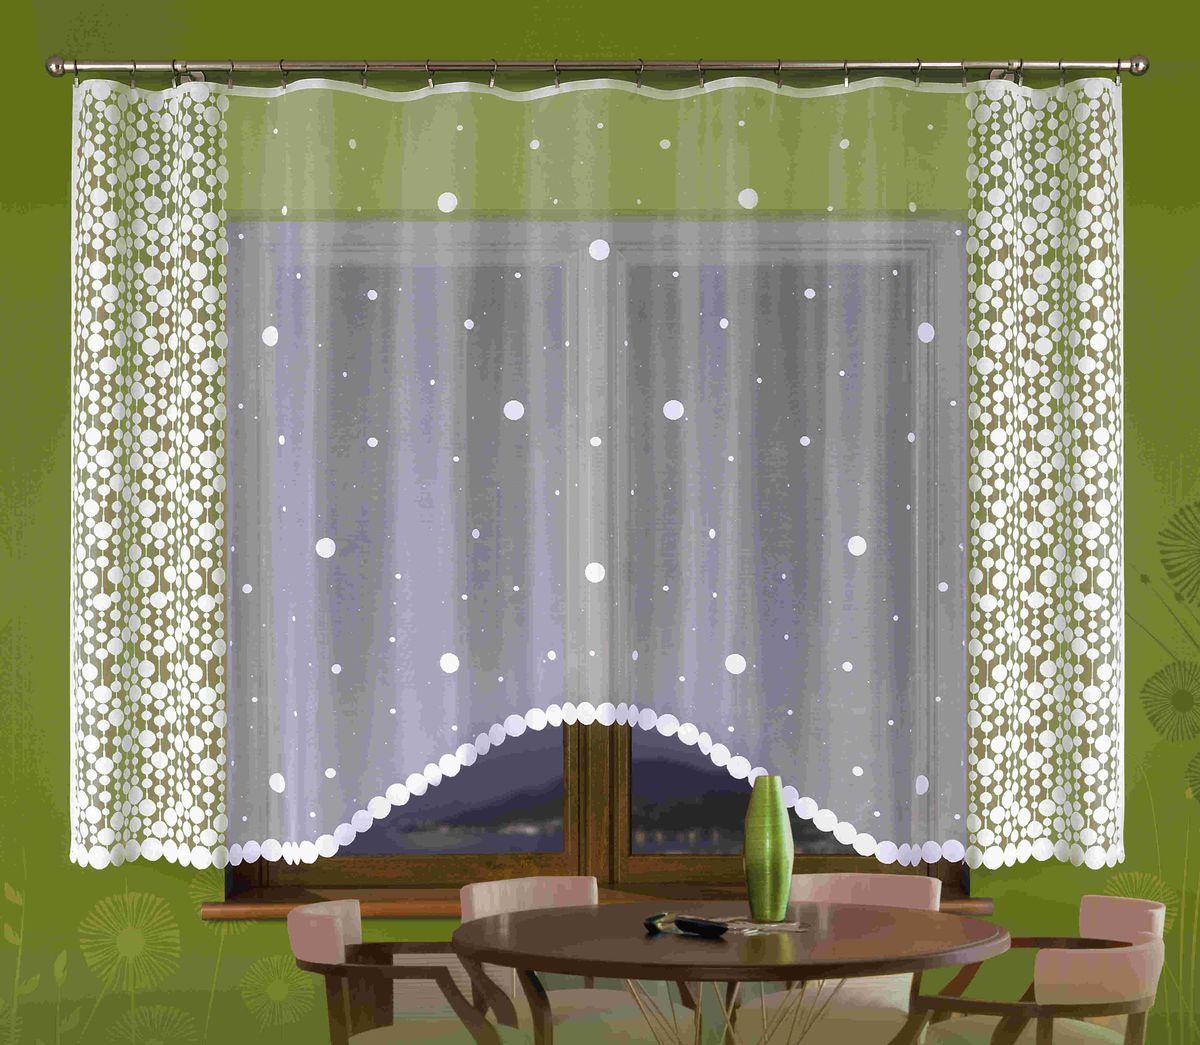 Гардина Wisan Halka, цвет: белый, высота 180 смE129Воздушная гардина Wisan Halka, изготовленная из полиэстера, станет великолепным украшением любого окна. Изделие, оформленное принтом в горох, привлечет к себе внимание и органично впишется в интерьер комнаты. Оригинальное оформление гардины внесет разнообразие и подарит заряд положительного настроения.Верхняя часть гардины не оснащена креплениями.